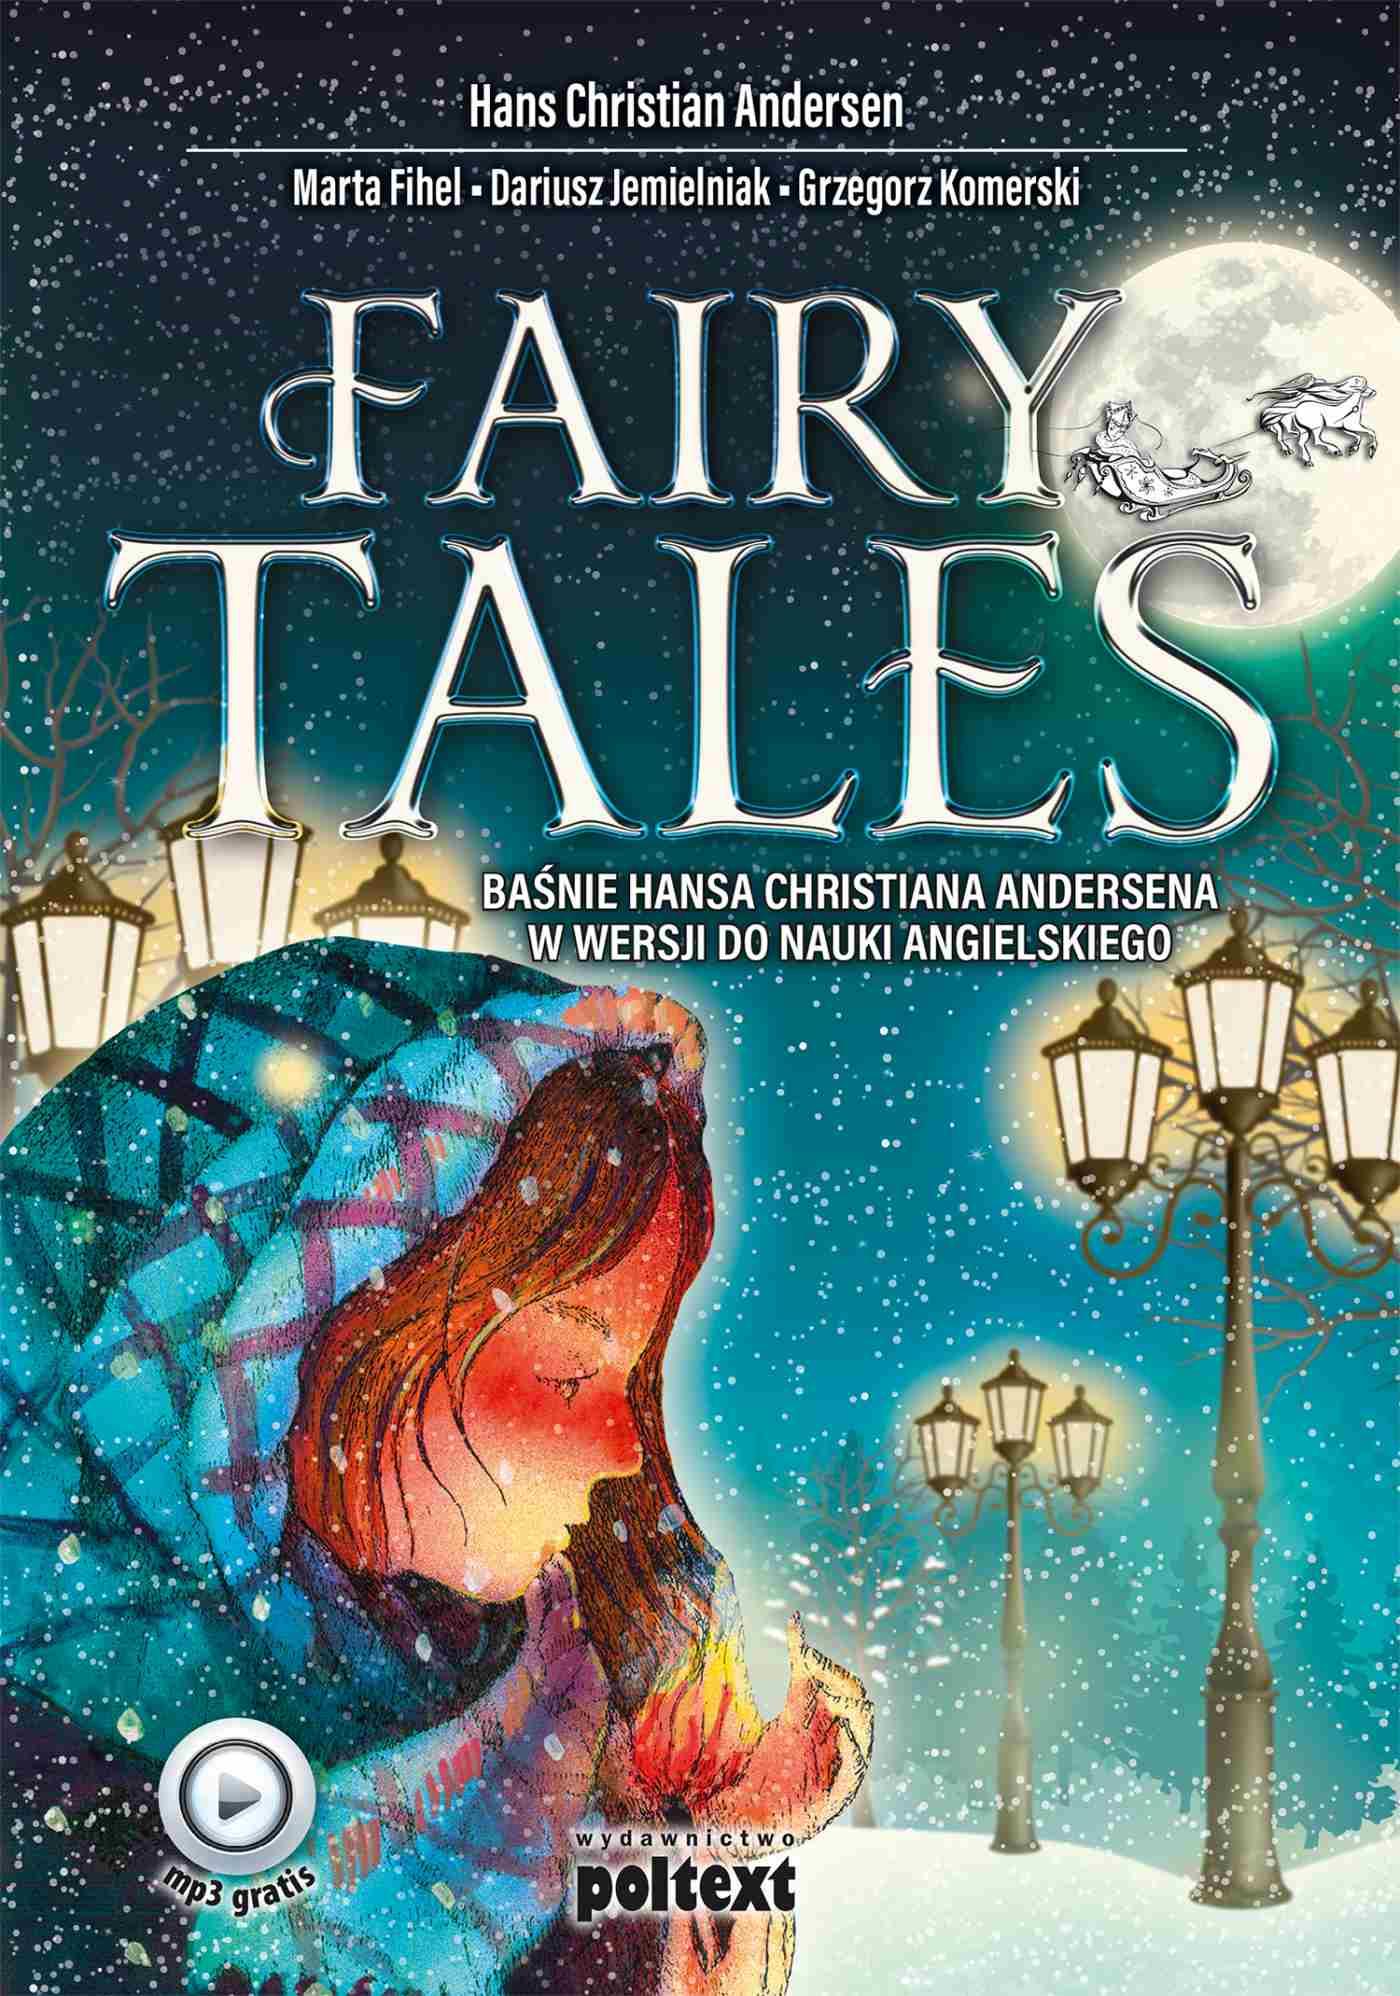 Fairy Tales. Baśnie Hansa Christiana Andersena w wersji do nauki angielskiego - Ebook (Książka EPUB) do pobrania w formacie EPUB